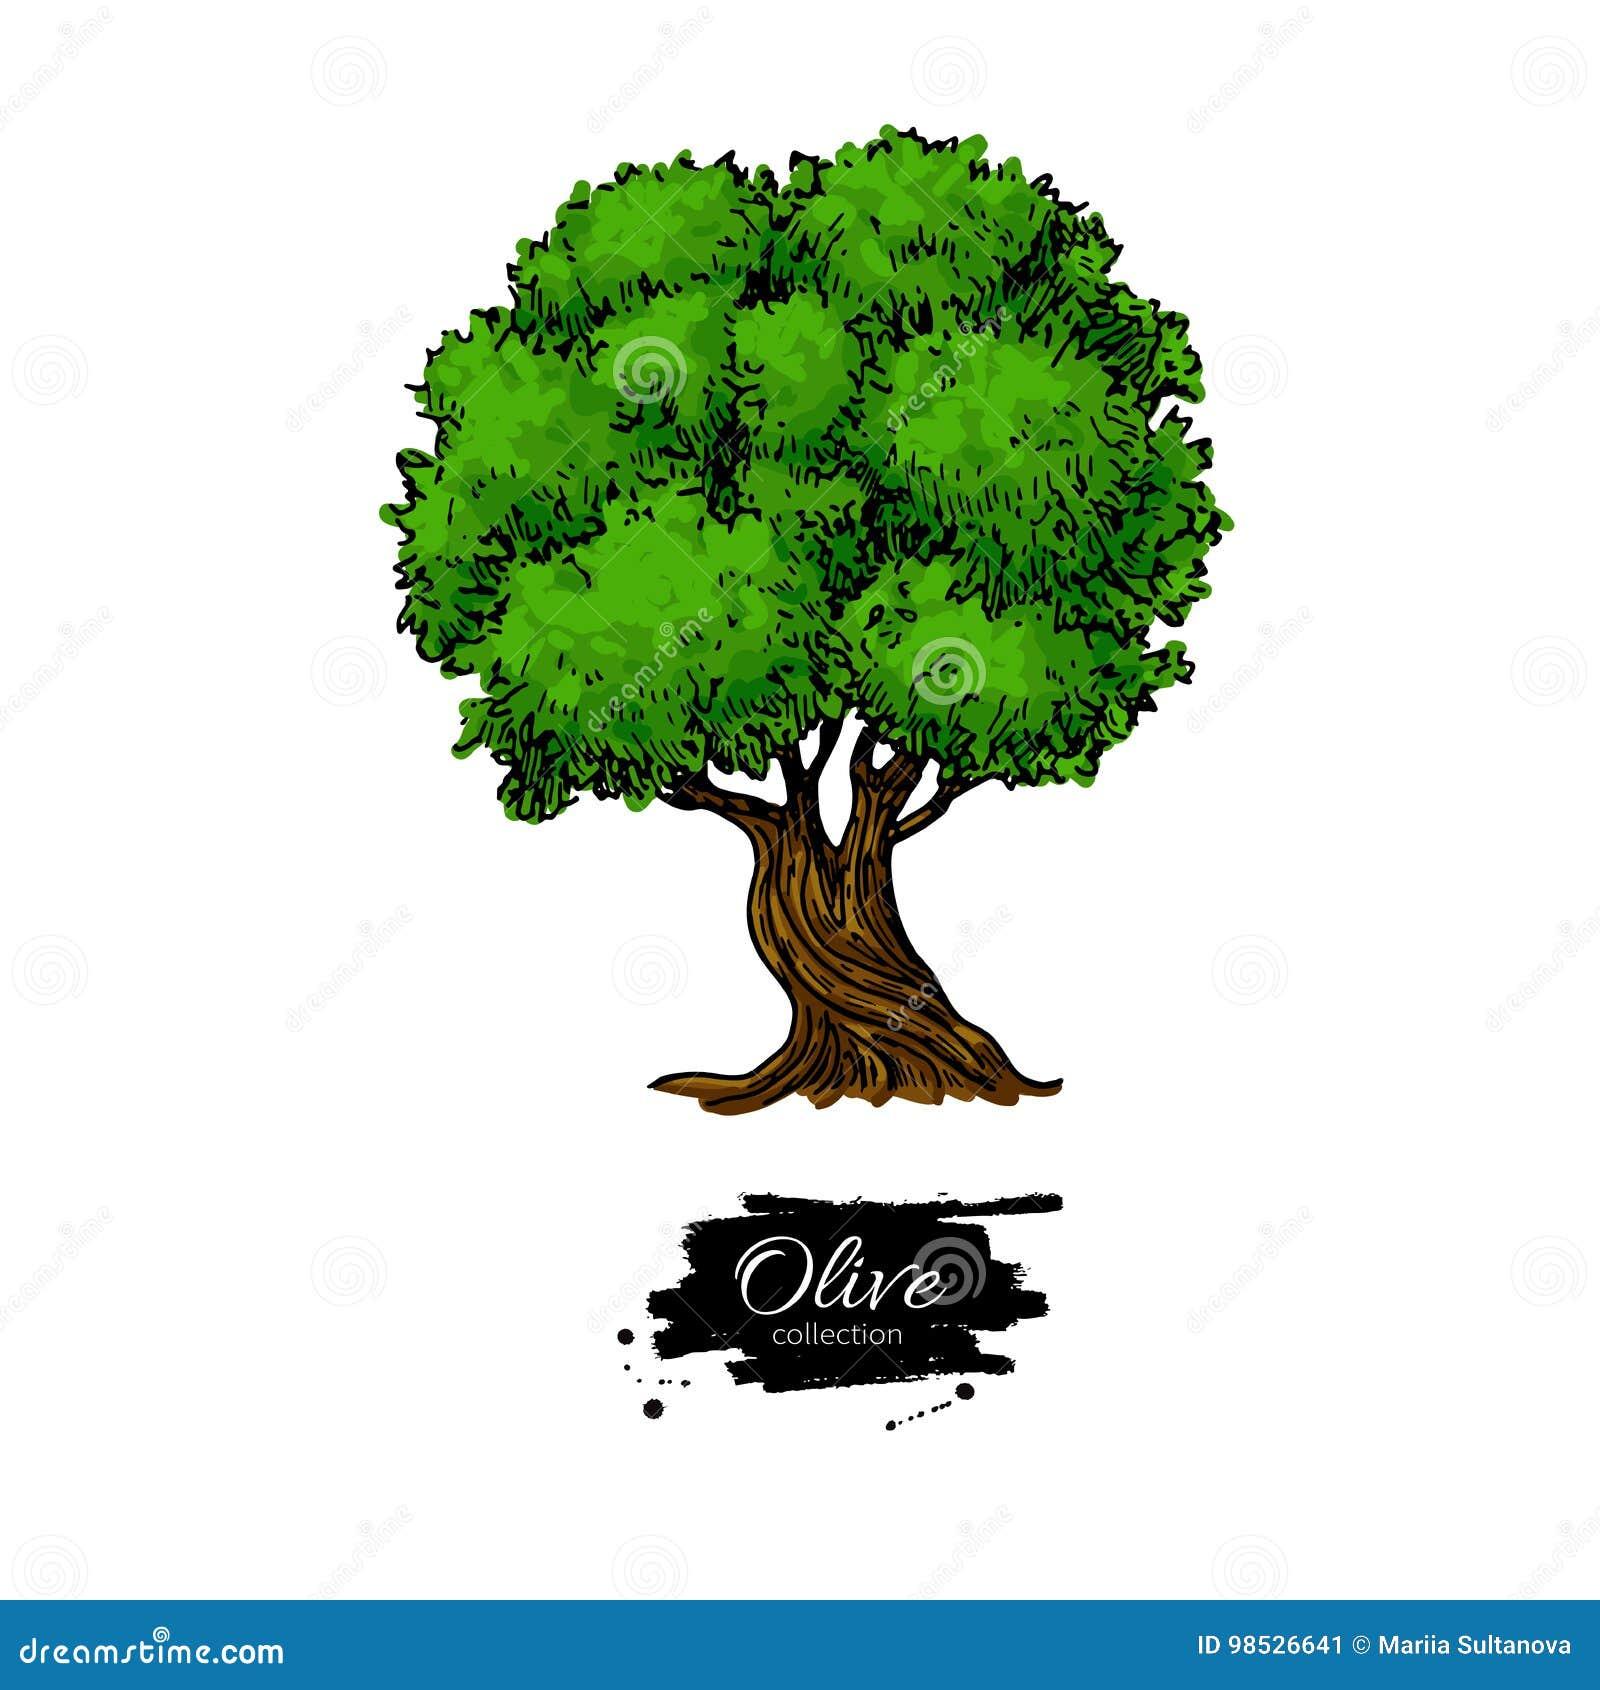 För kindtandnatt för el madrid tree för plats olive Hand tecknad vektorillustration Botanisk teckning för tappning